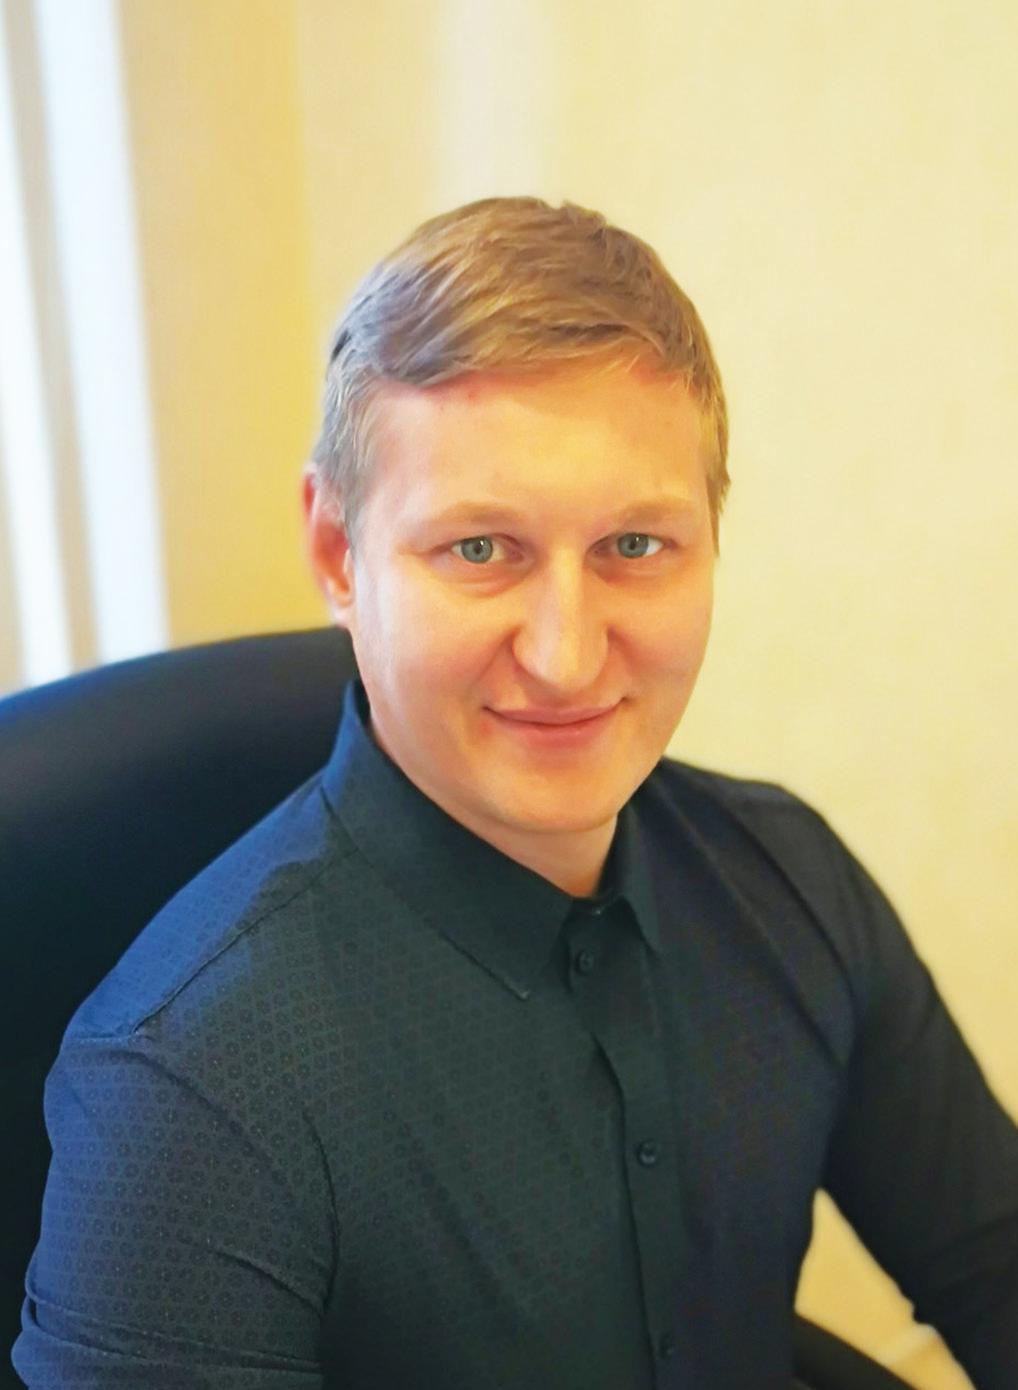 Lietuvos grūdų augintojų asociacijos administracijos vadovas Ignas Jankauskas patvirtino, kad grūdų supirkimo kainos šiemet bus mažesnės. Asmeninio archyvo nuotr.